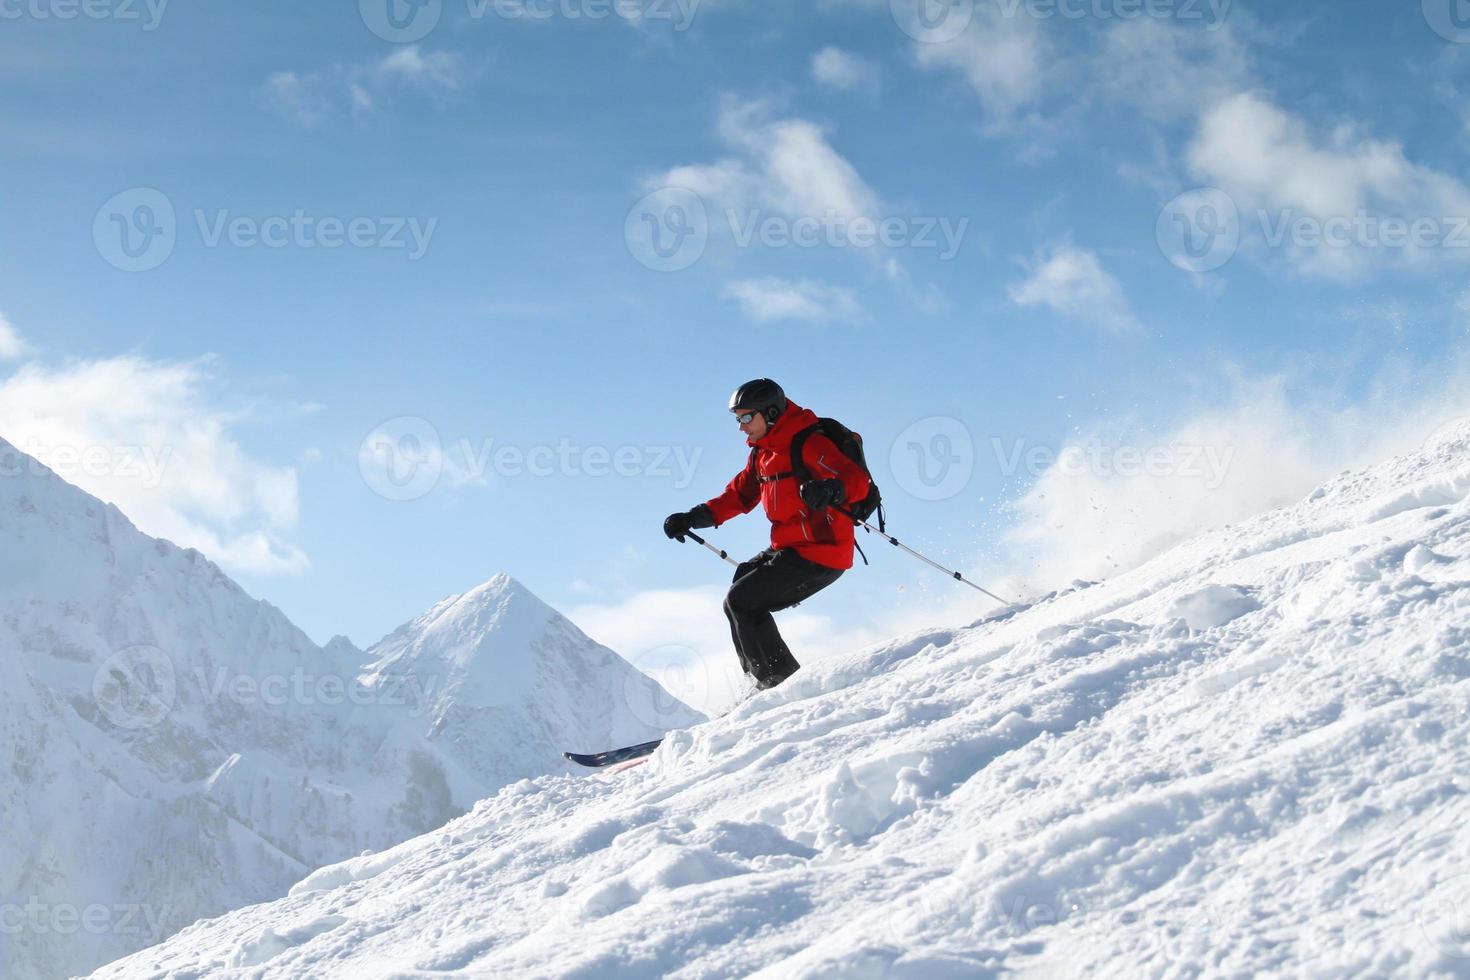 montaña freeride foto